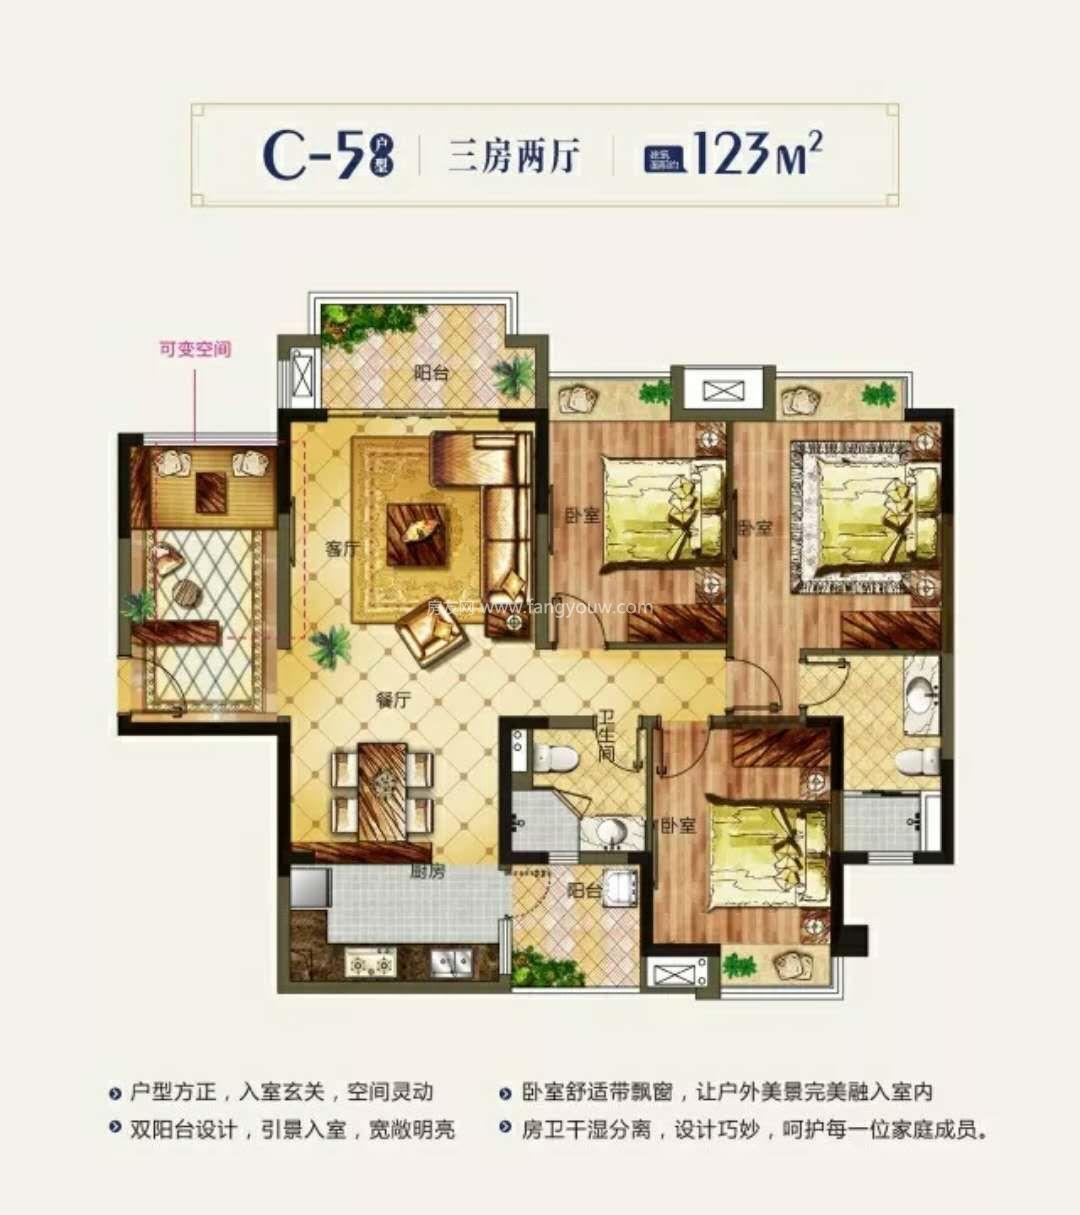 颐养公社阳光城 C5户型 3室2厅1厨1卫 123㎡